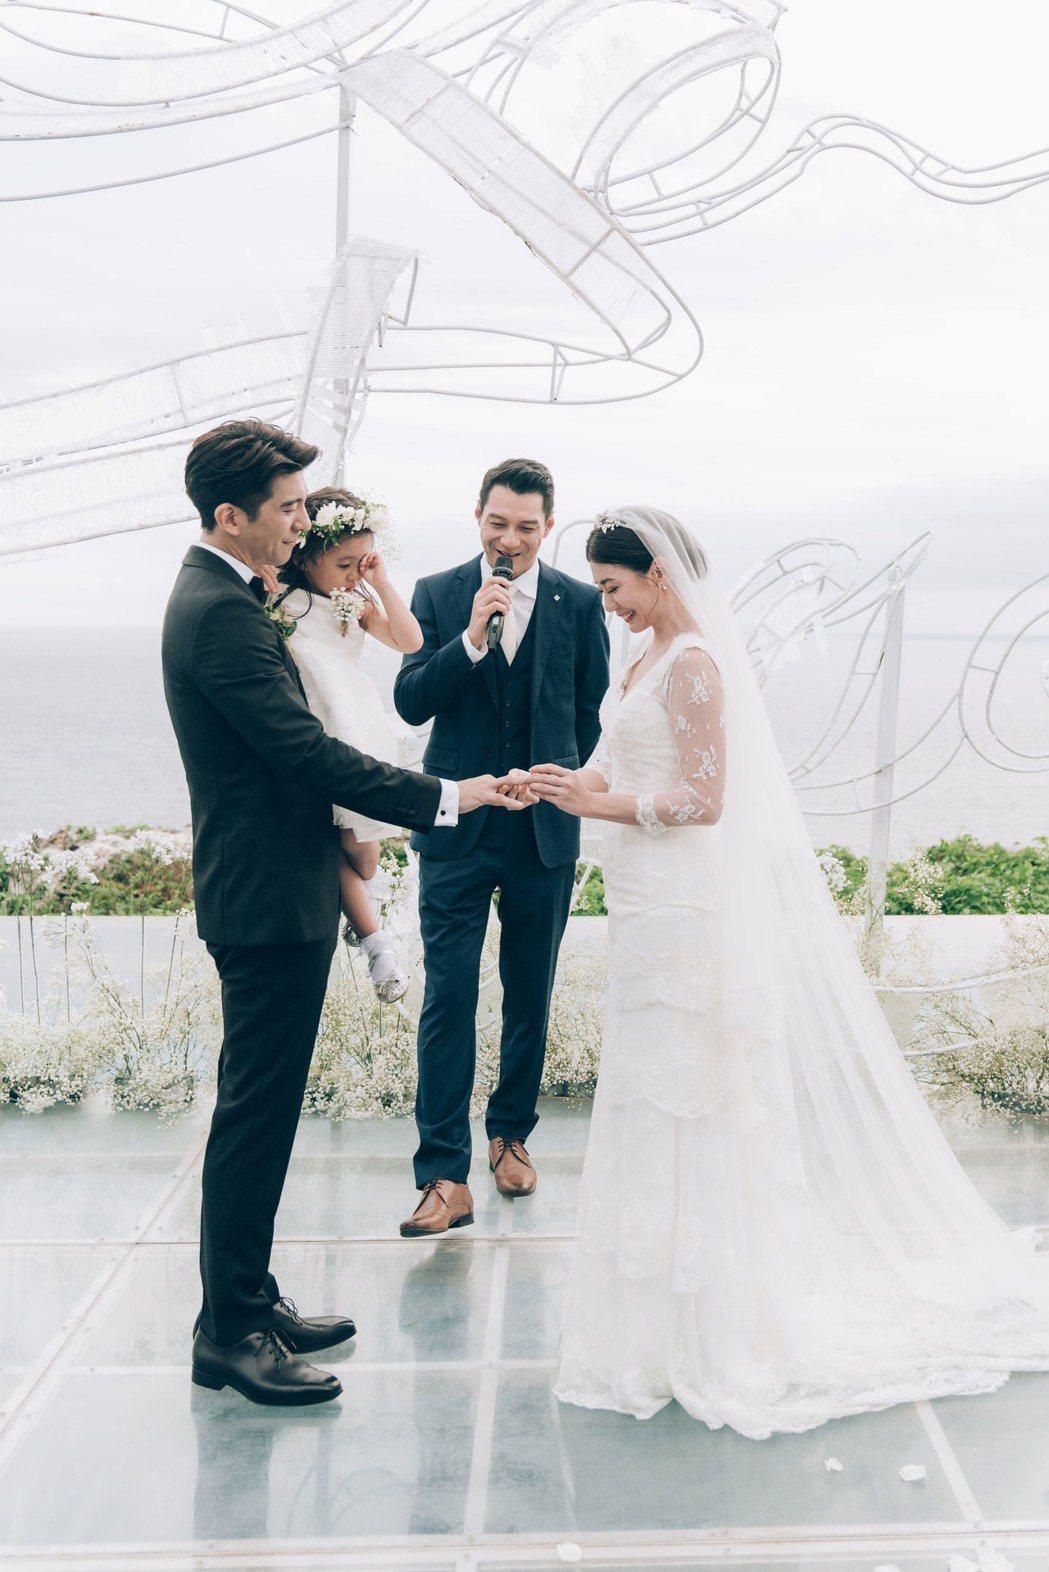 咘咘在爸媽的婚禮上表情搶鏡。圖/齊點娛樂有限公司、小小姑娘工作室提供